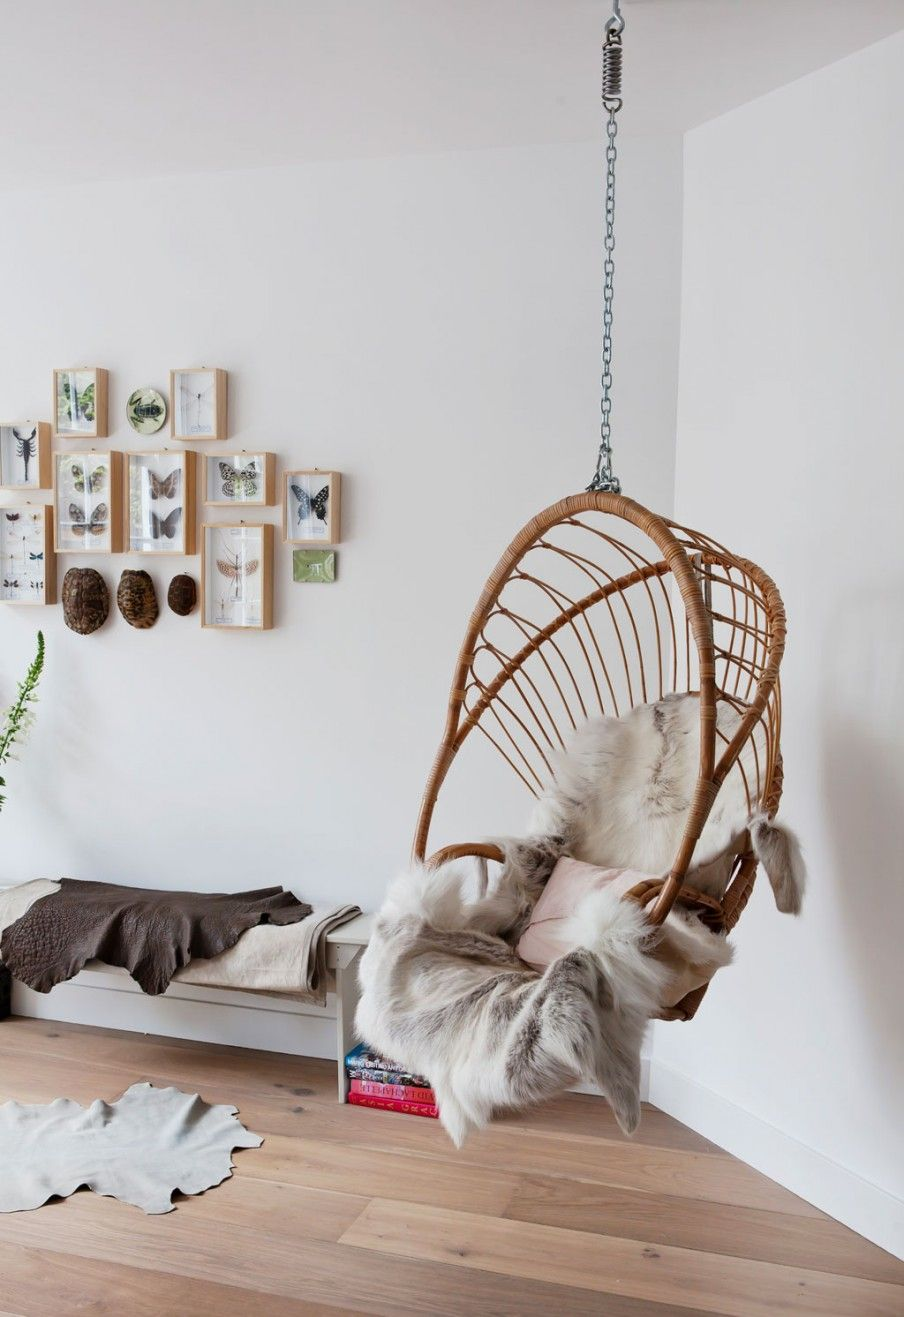 Rattan hanging chair | Photographer Barbara de Hosson/ Beeldig beeld | vtwonen September 2014